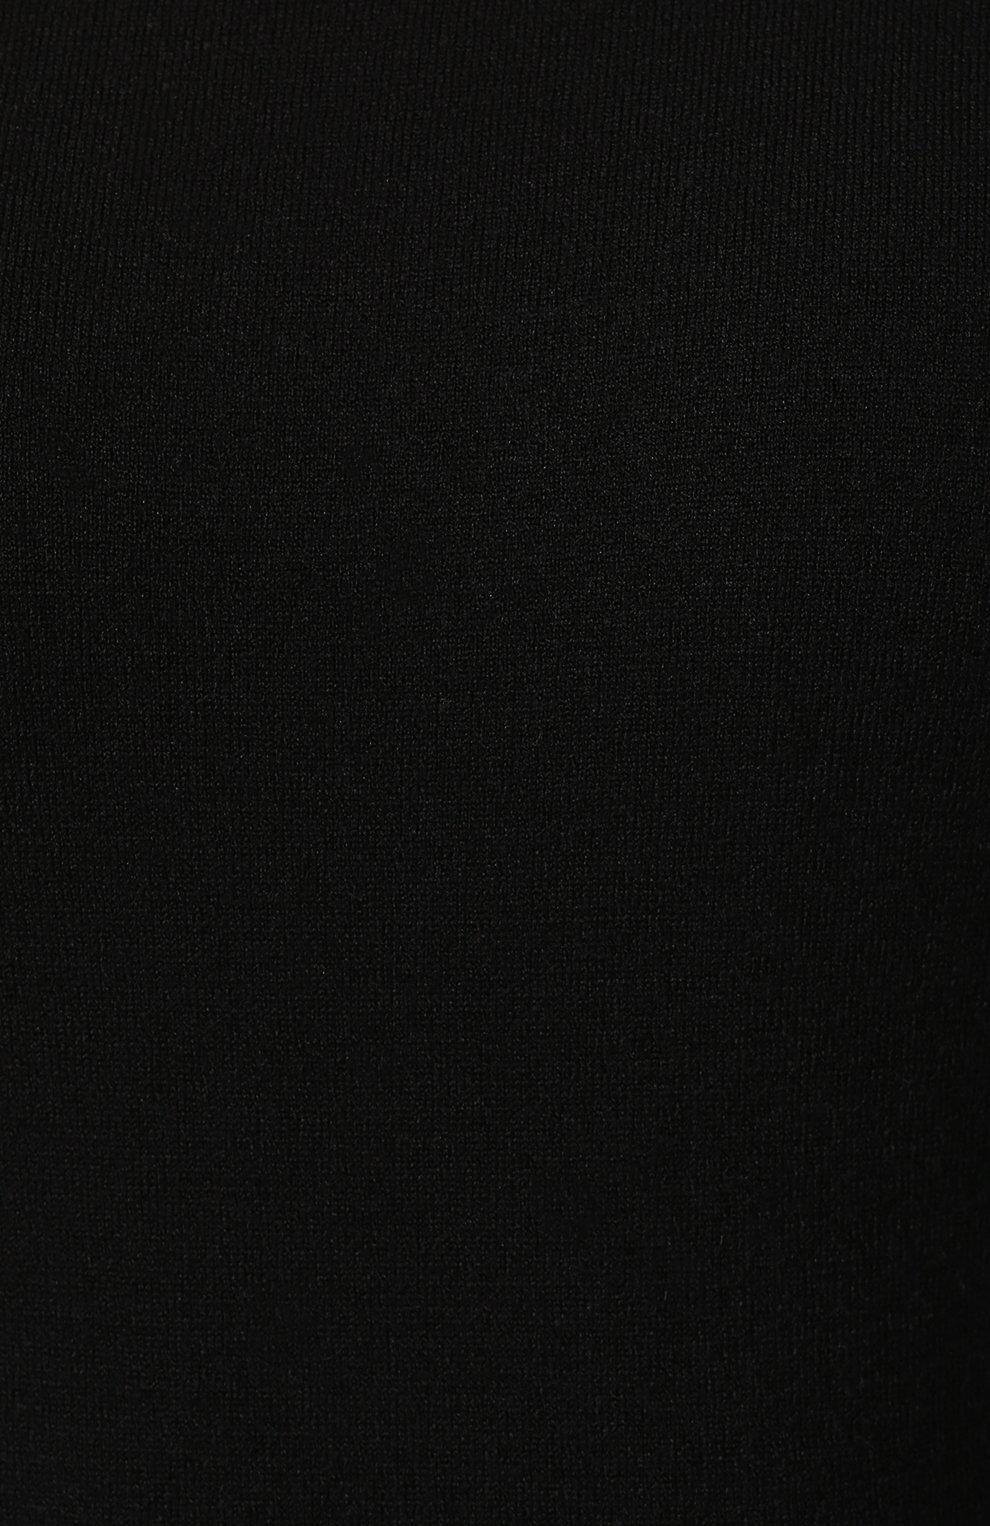 Женское шерстяное боди ALAIA черного цвета, арт. 9W9UA61RM001 | Фото 5 (Материал внешний: Шерсть; Рукава: Длинные; Стили: Классический, Минимализм, Кэжуэл; Кросс-КТ: с рукавом; Статус проверки: Проверена категория)